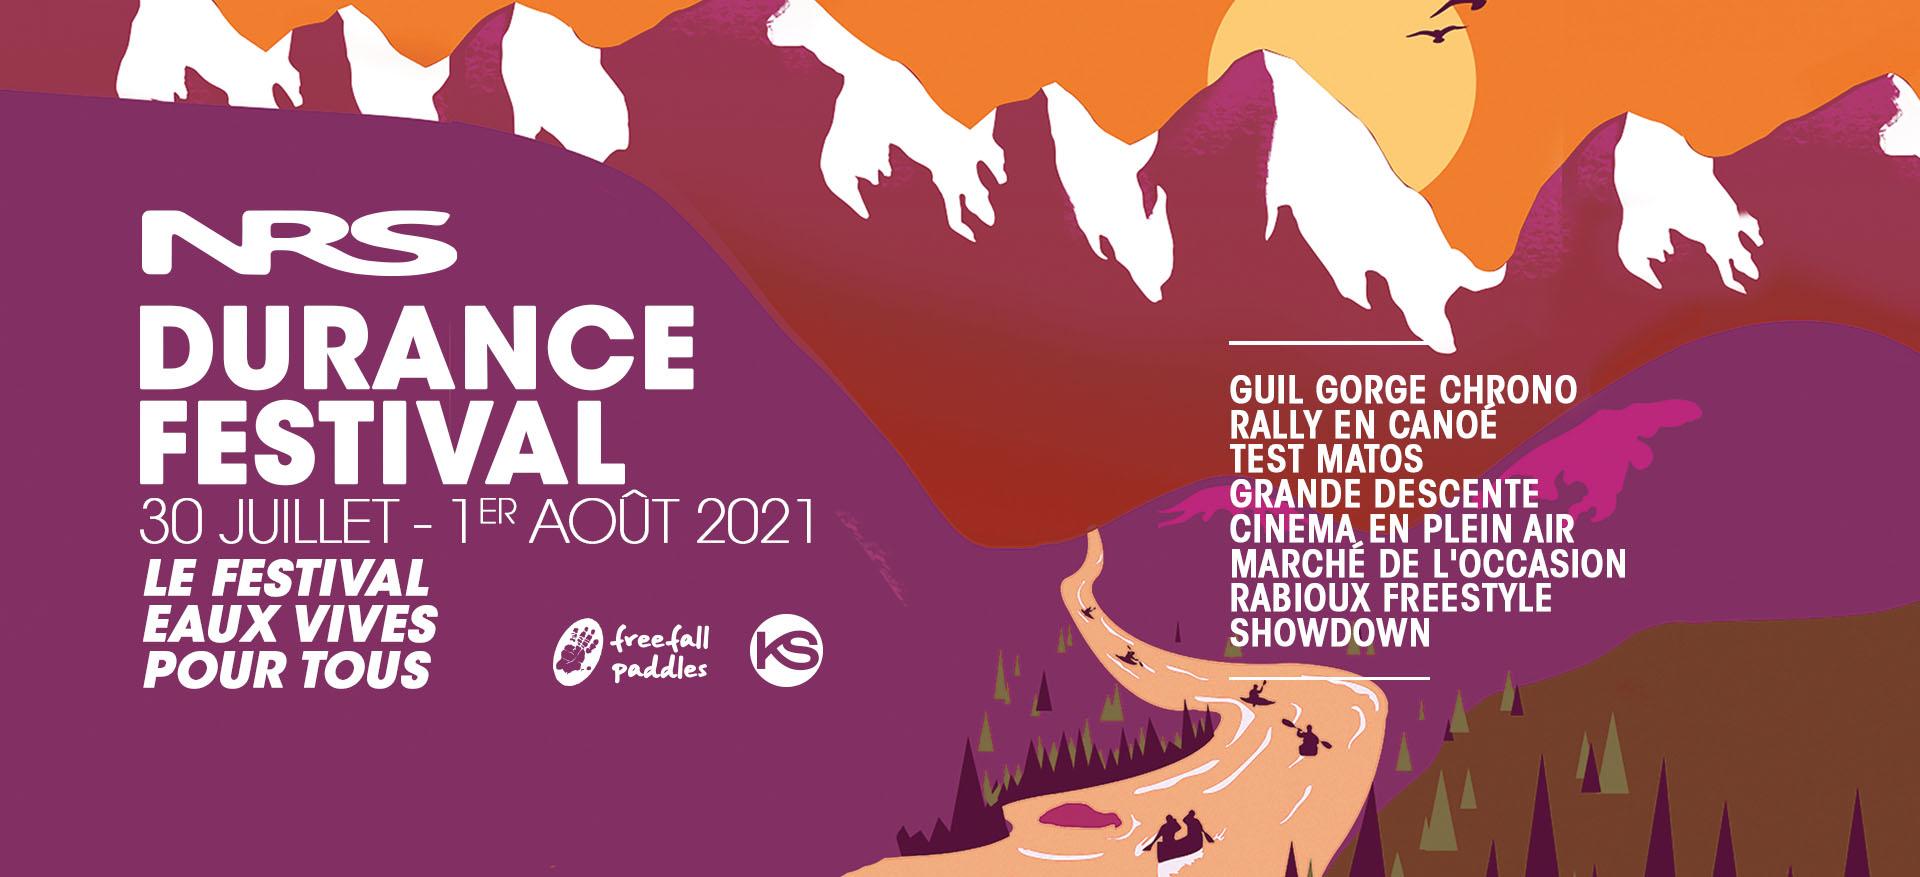 Le Durance Festival, le festival eaux vives pour tous organisé par kayak session magazine.